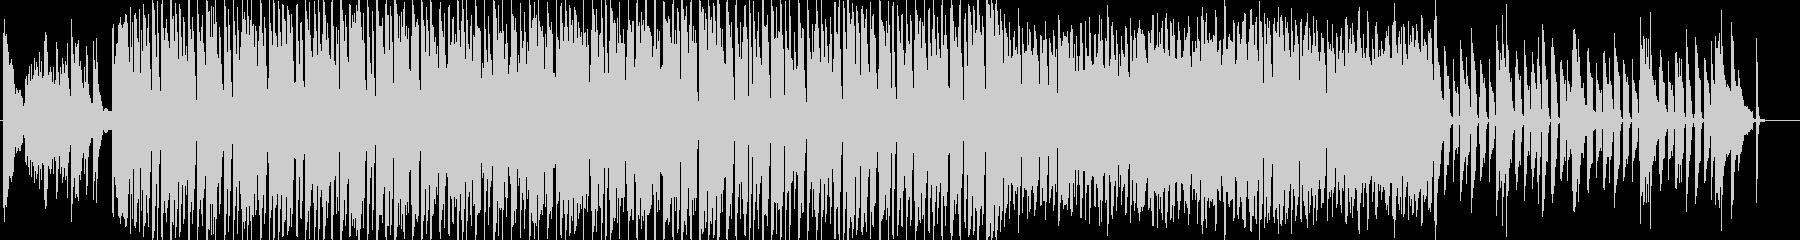 ジャズ 説明的 静か クール 気分...の未再生の波形